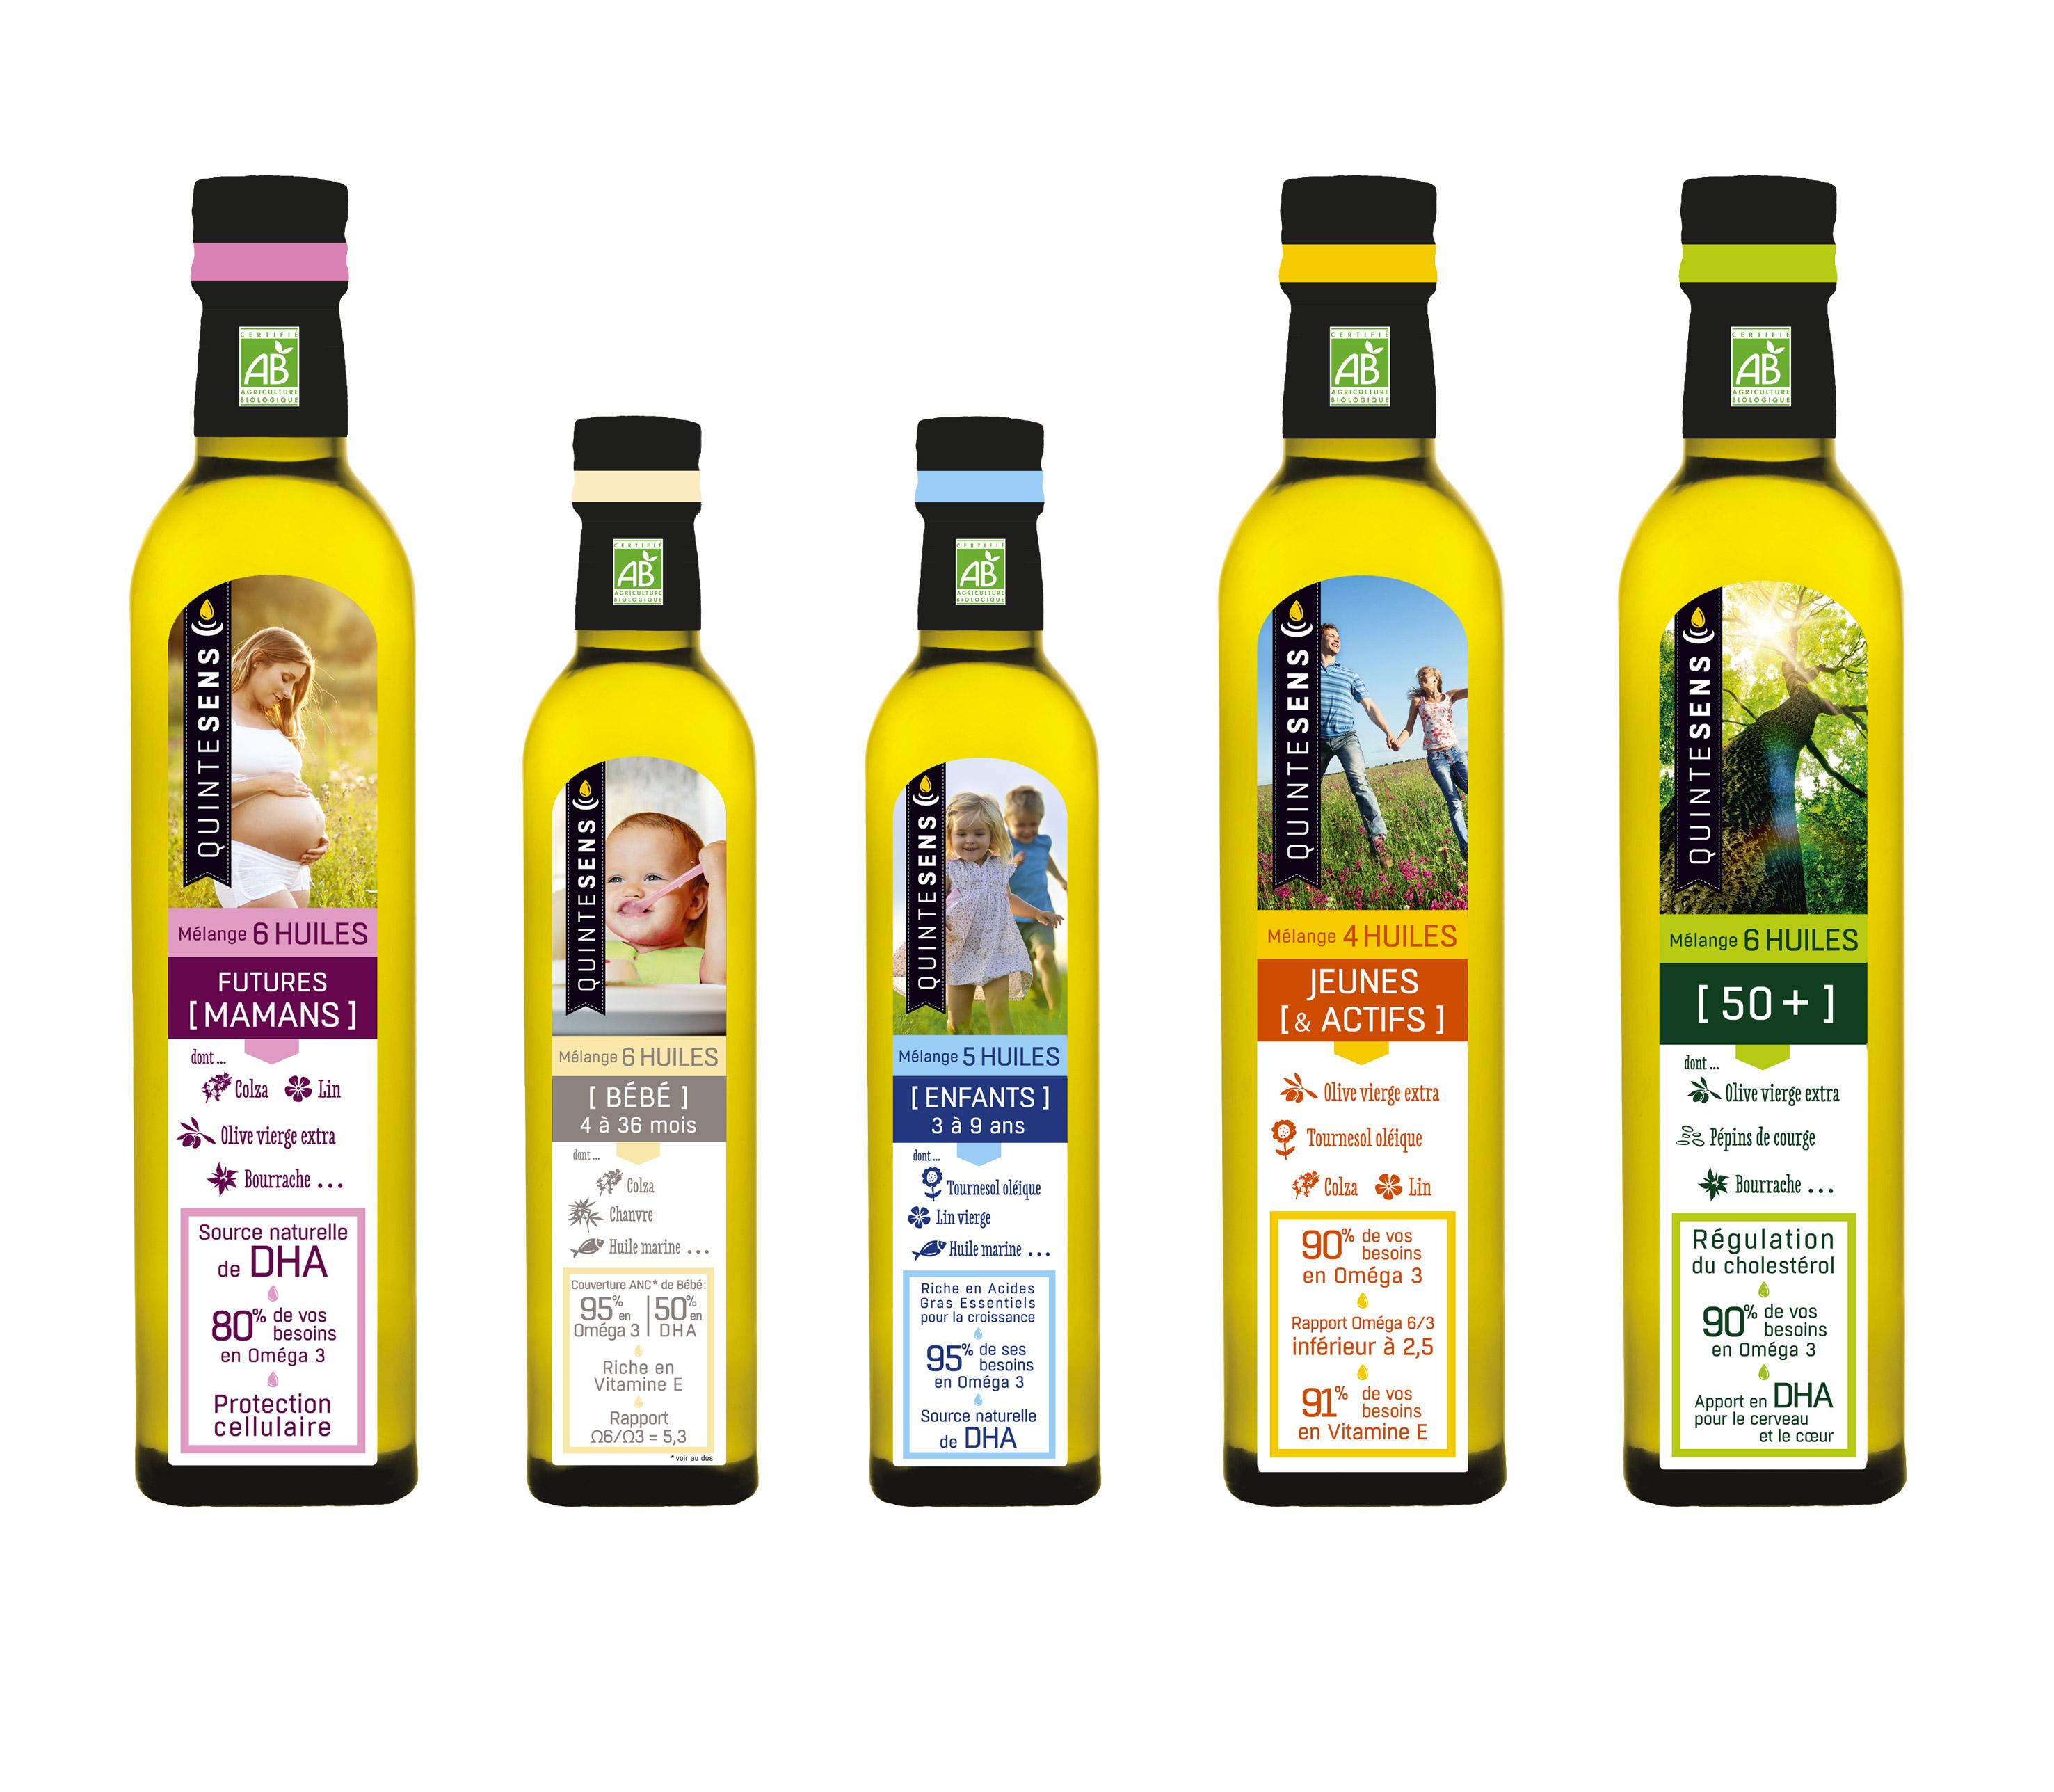 huile colza allergie